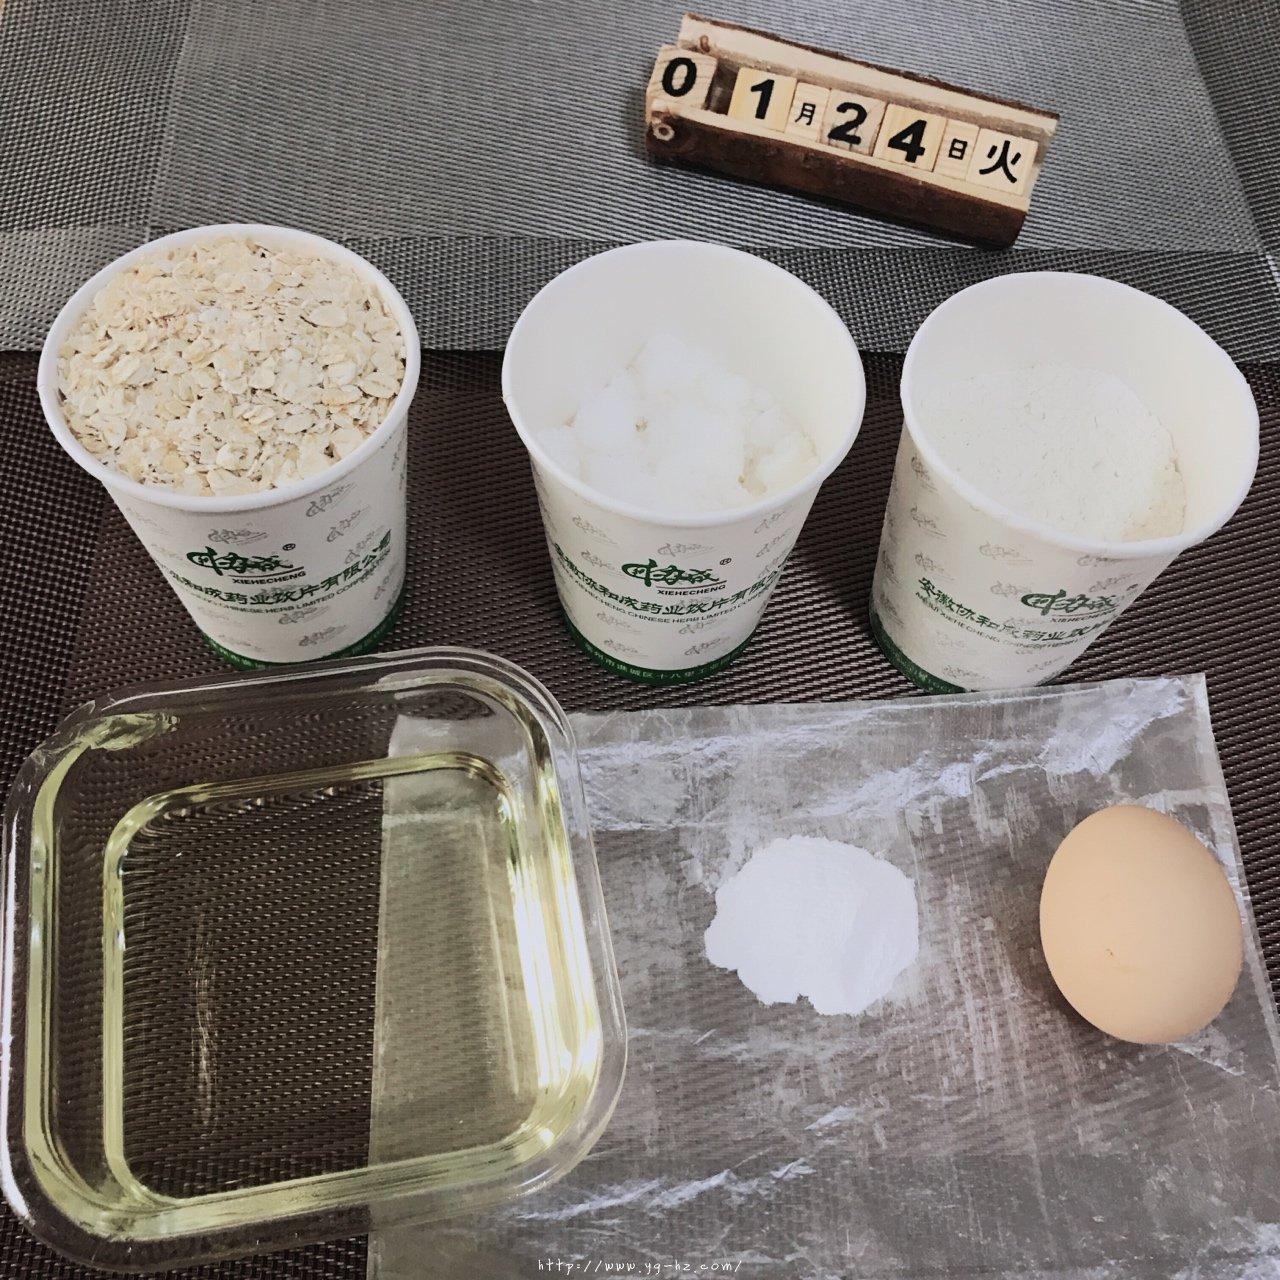 燕麦片脆饼的做法 步骤1